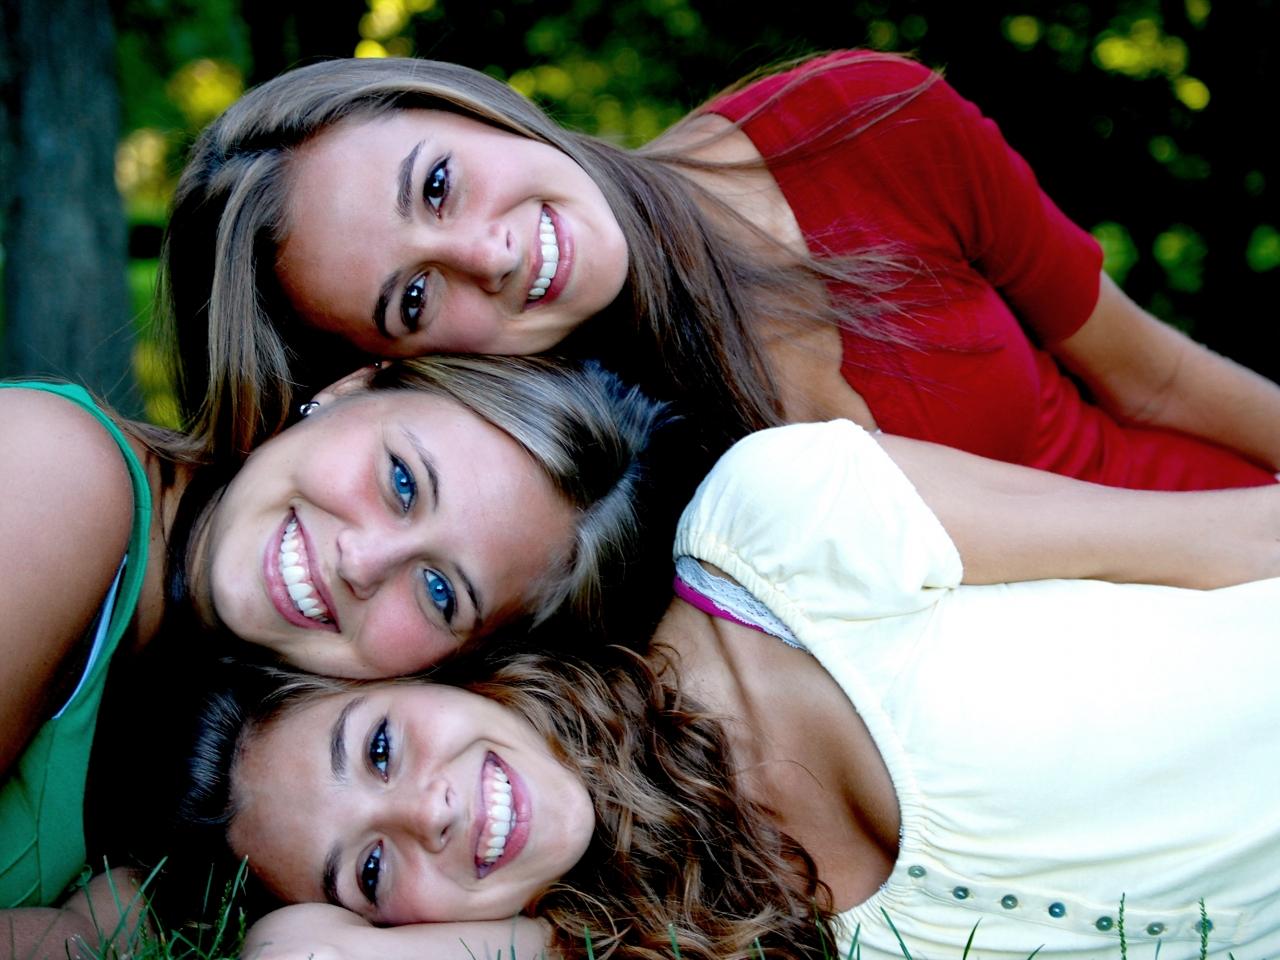 Chicas amigas sonrientes - 1280x960